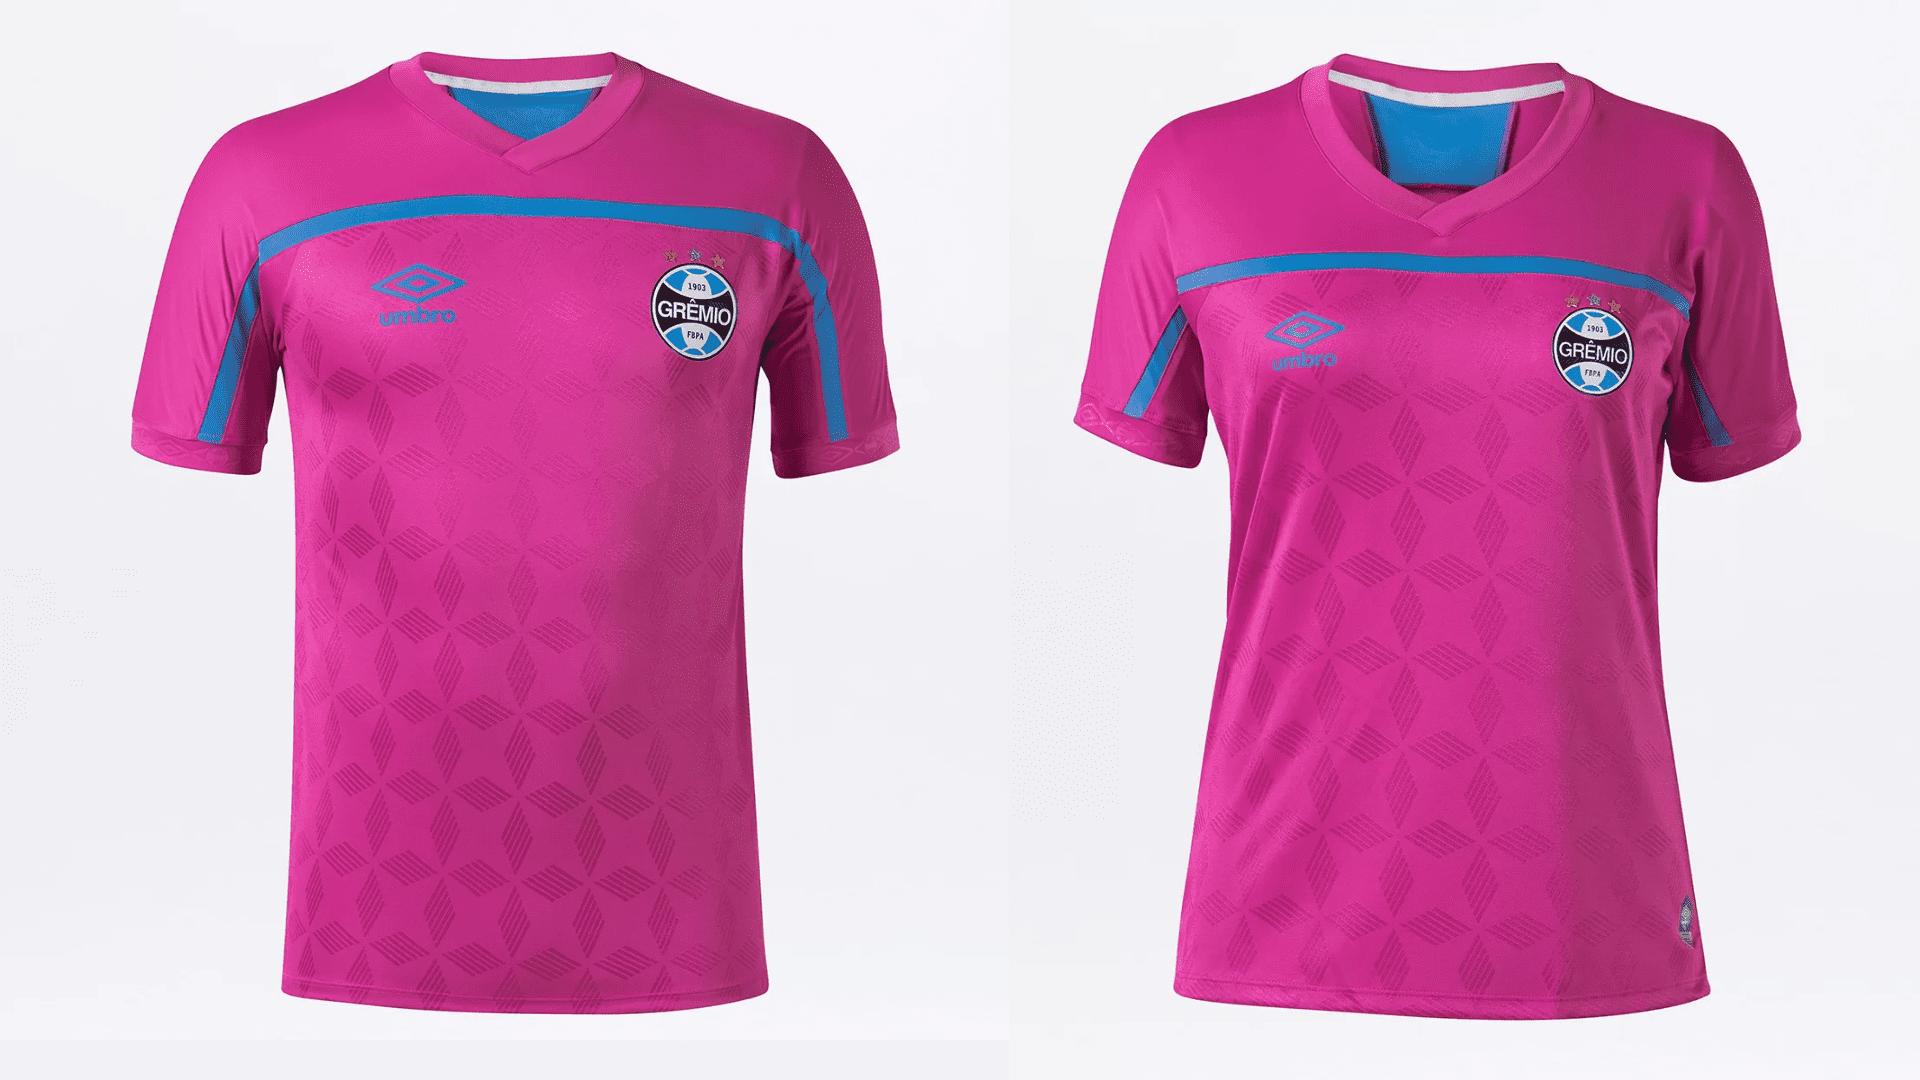 Camisa do Grêmio 2020 Umbro Outubro Rosa (Imagem: Divulgação/Umbro)